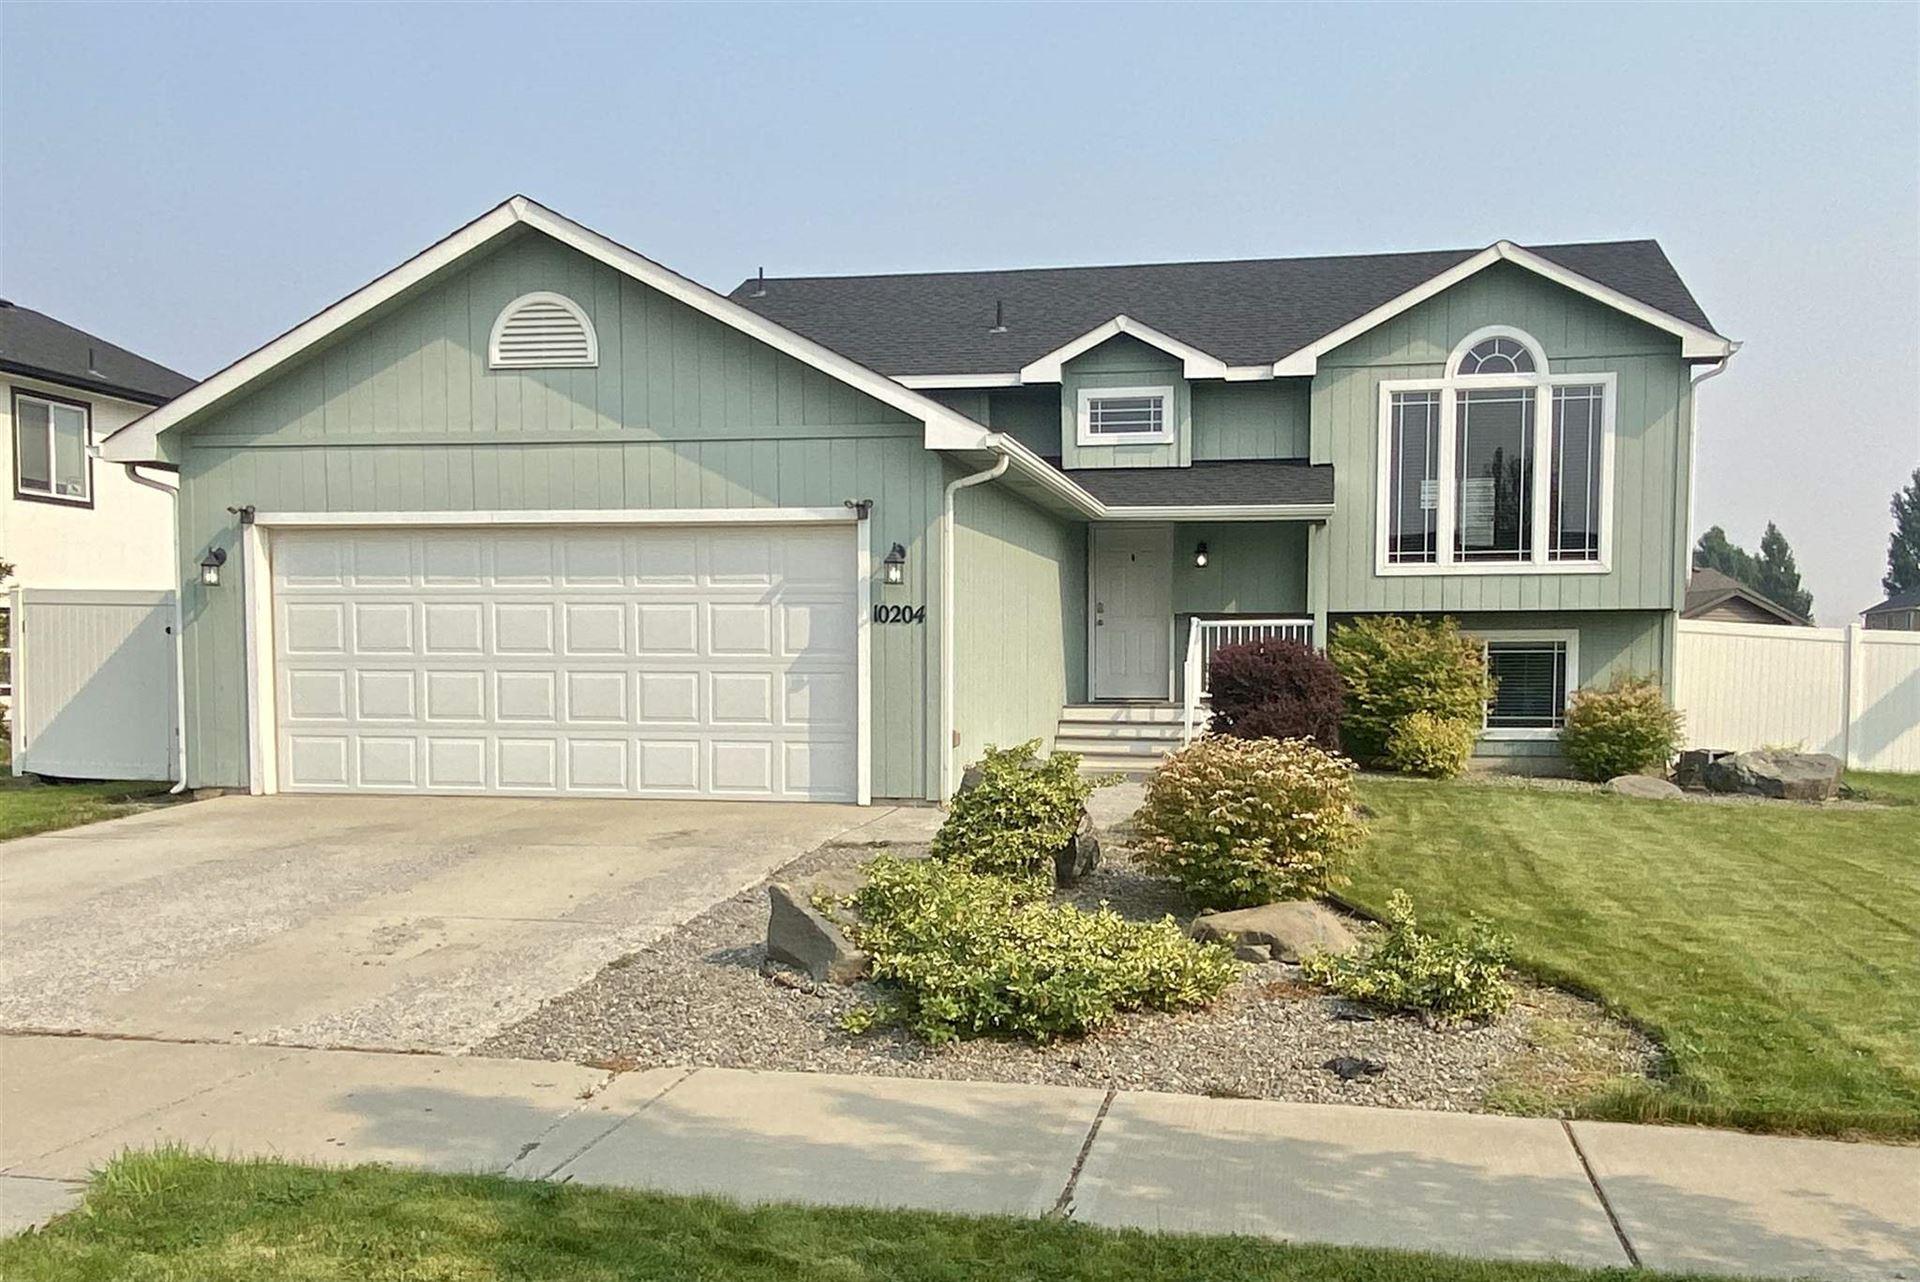 10204 W 10th Ave, Spokane, WA 99224 - #: 202119922